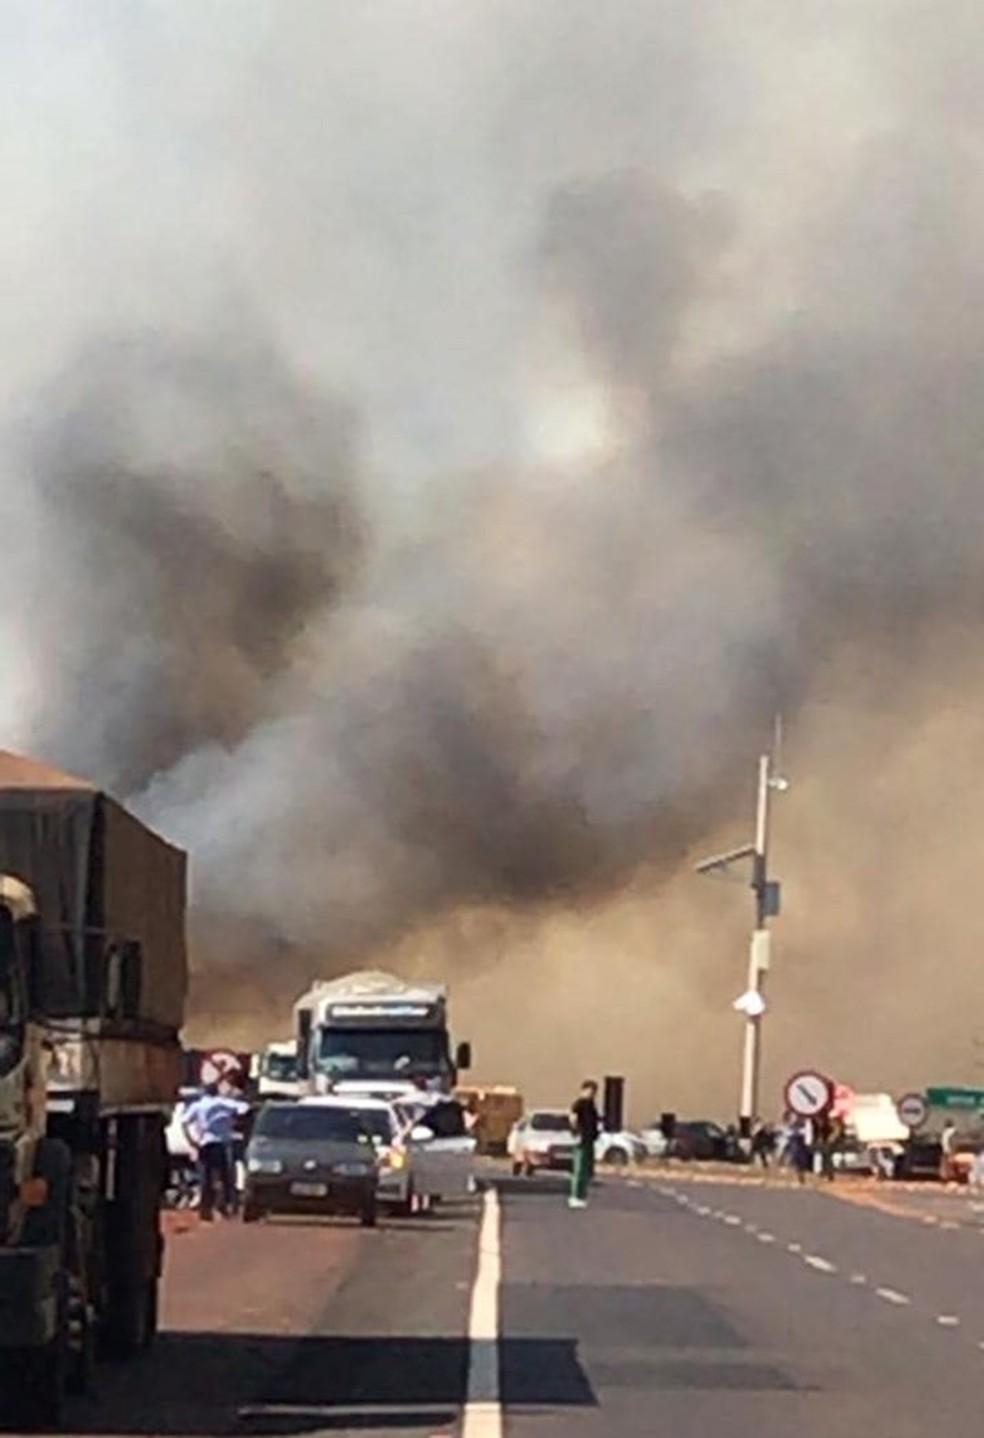 Trânsito ficou lento na via em Florínea  — Foto: Gazeta Regional/ Divulgação